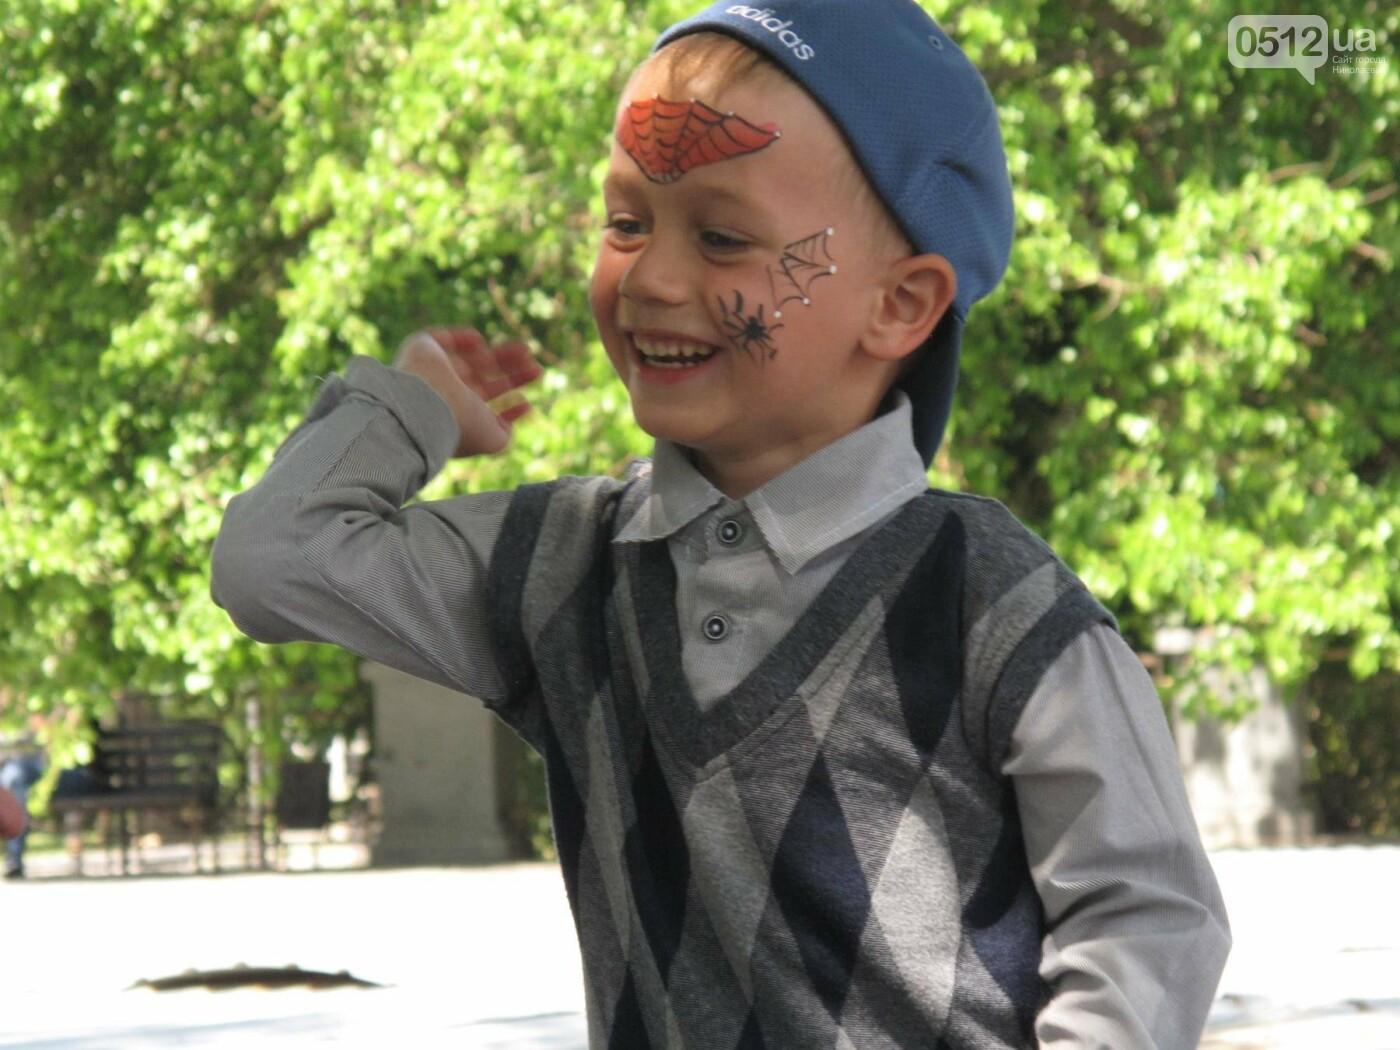 В Сердце города организовали развлекательную программу для детей с нарушением слуха., фото-11